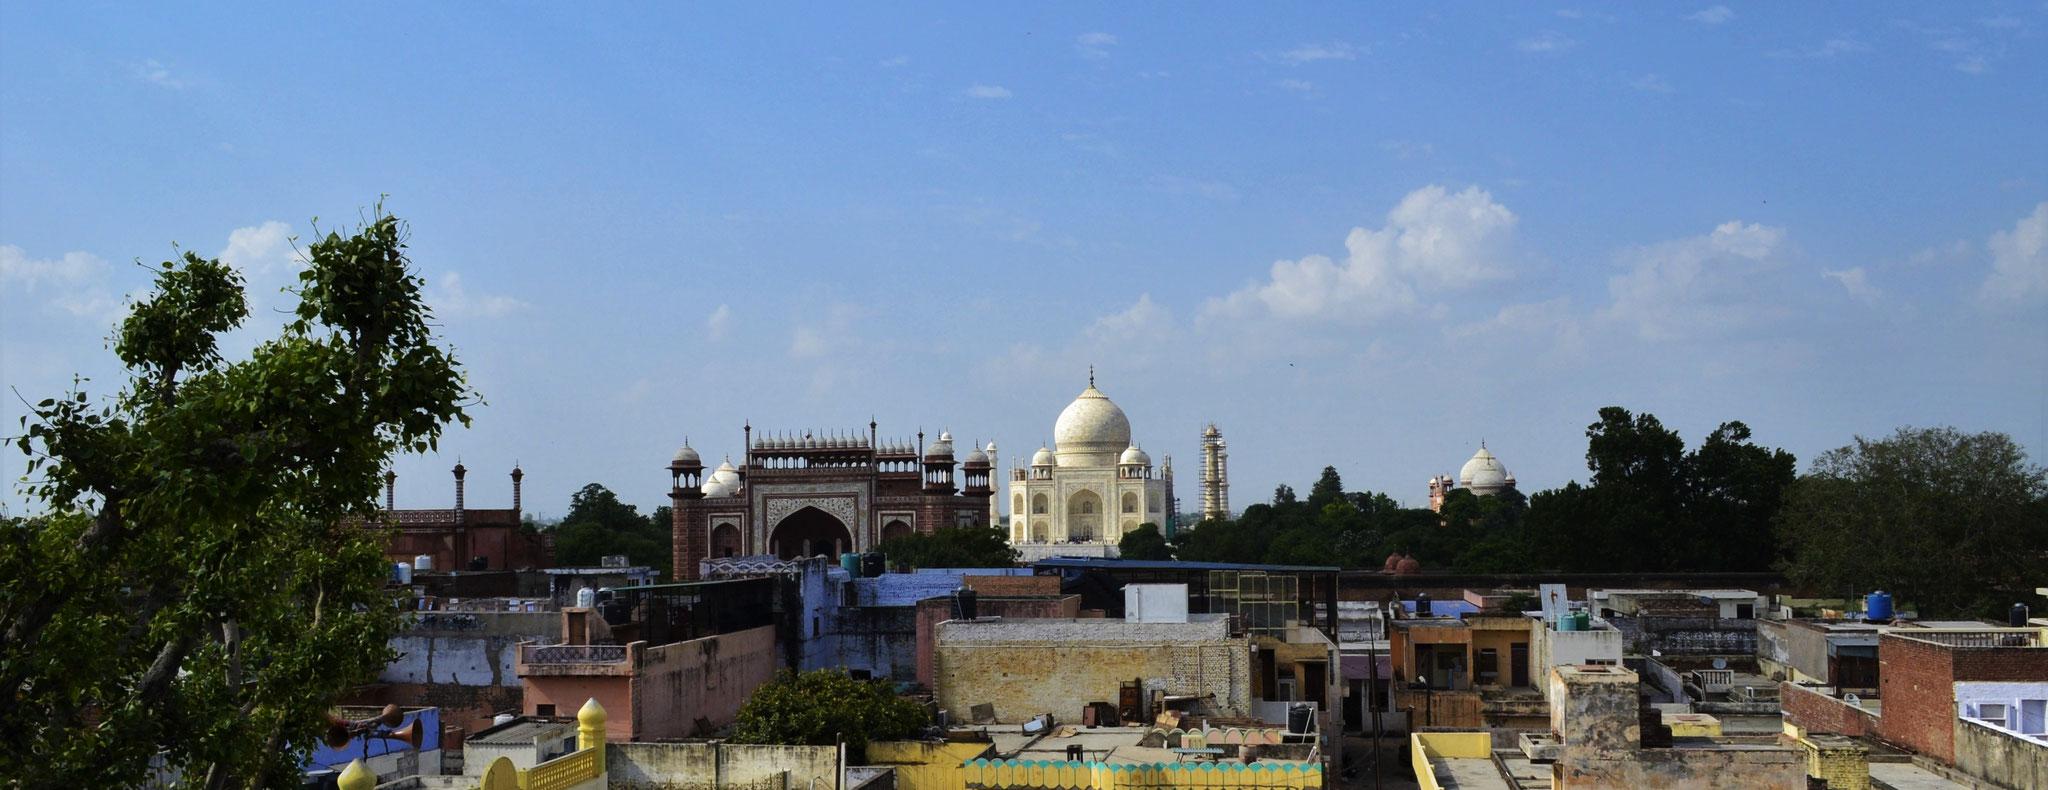 Agra (Indien): Dachrestaurantreflexionen über Kulturen, Weltwunder und Armbanduhren [mehr...]